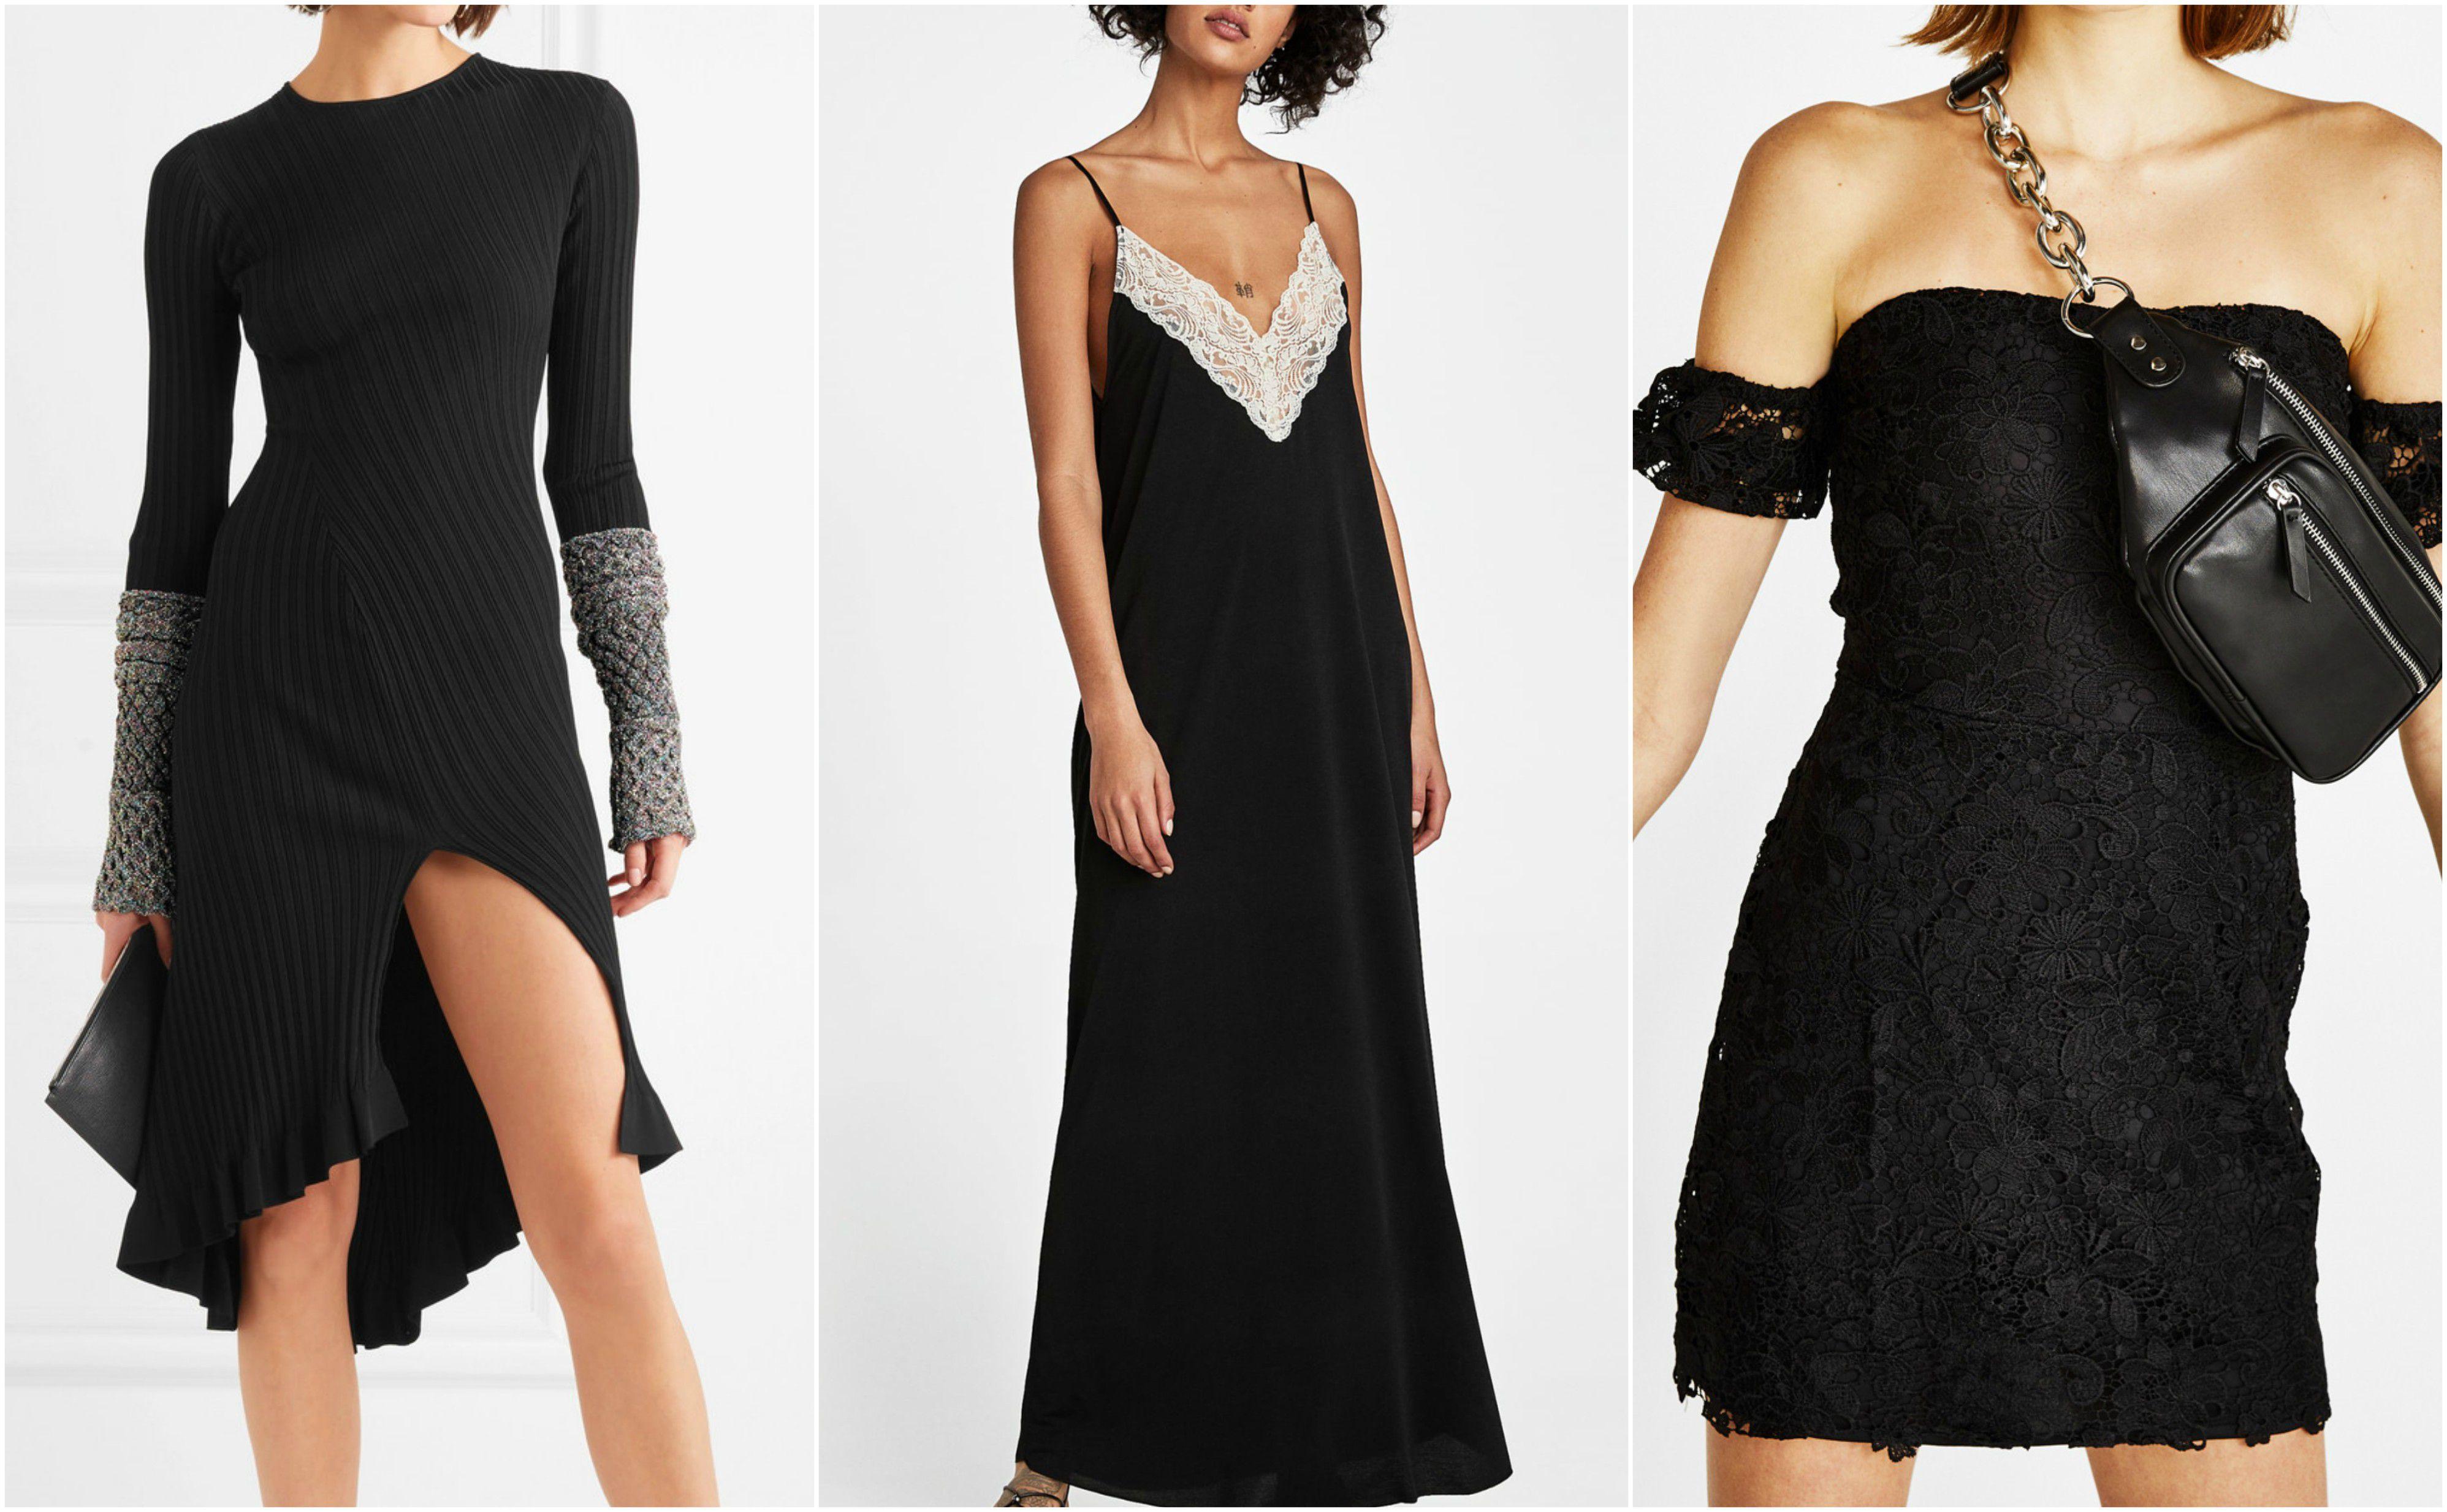 Vječni klasik: Mala crna haljina na 15 načina